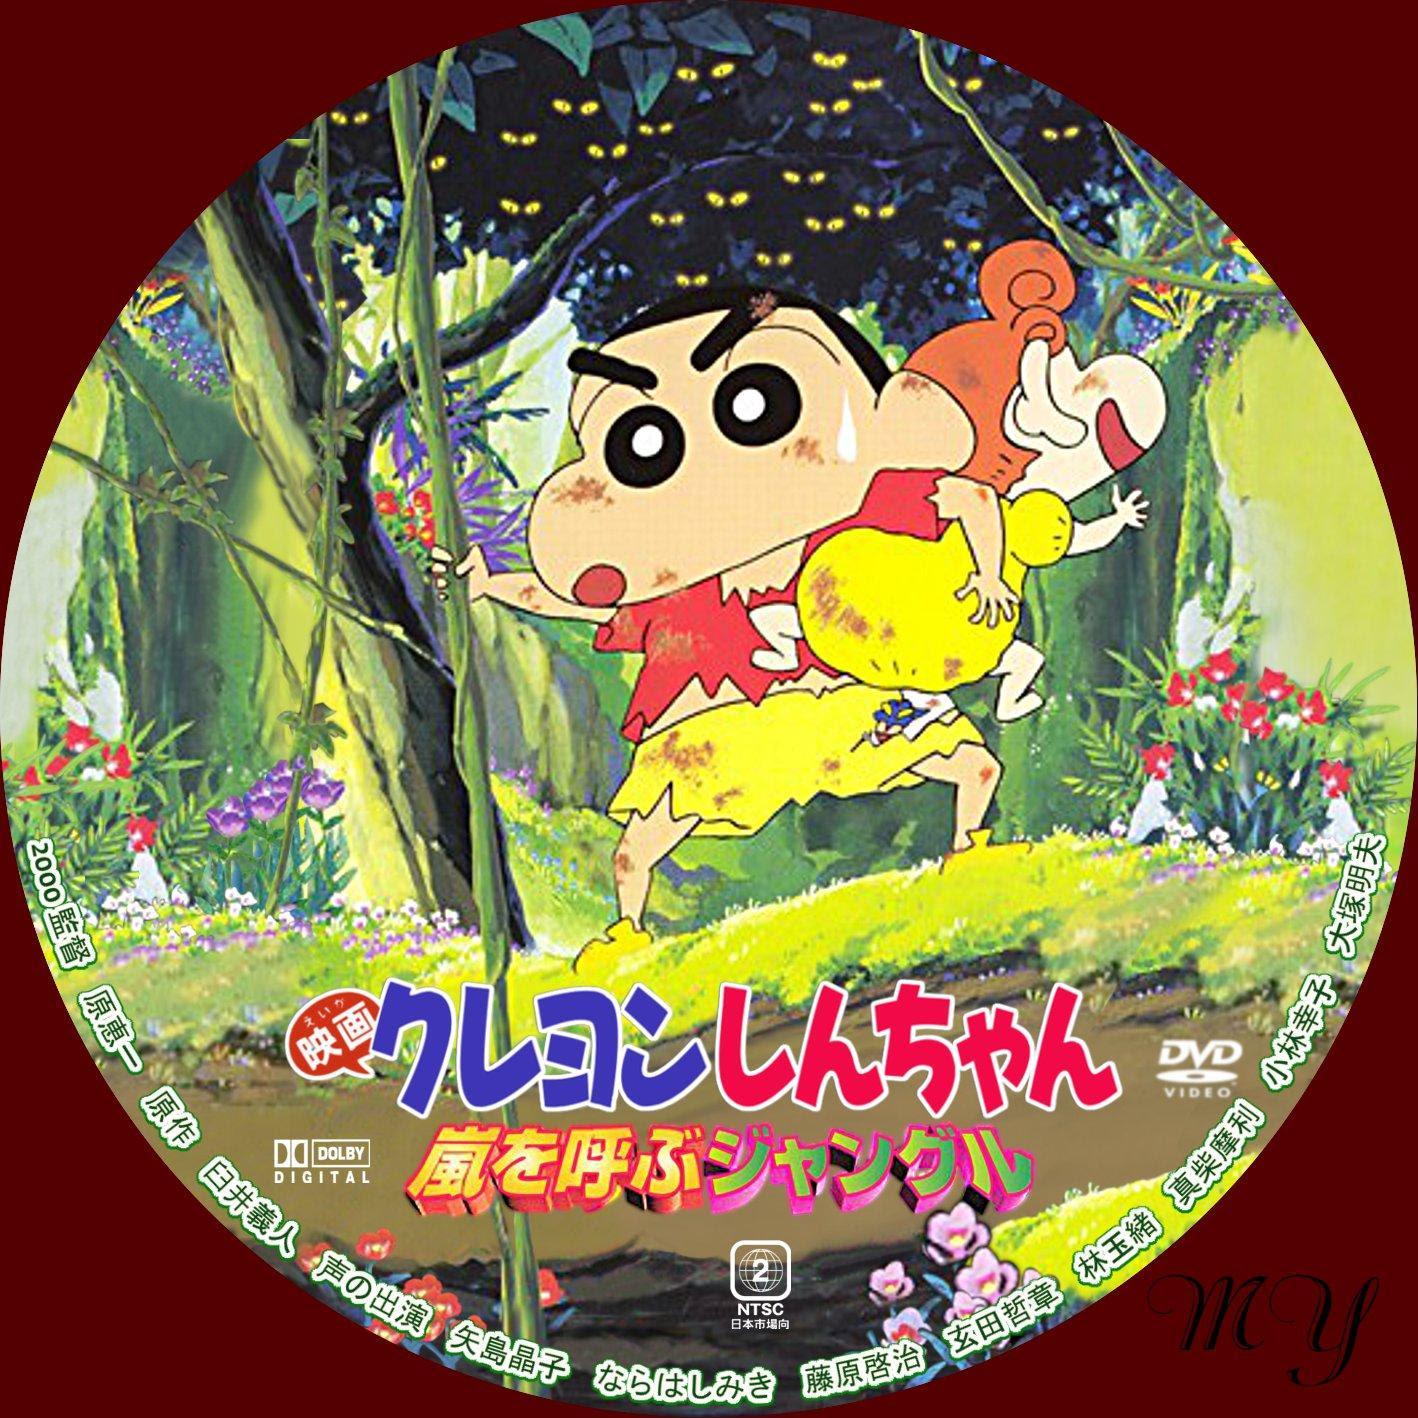 ダウンロードはこちら 映画クレヨンしんちゃんのdvdラベルレーベル